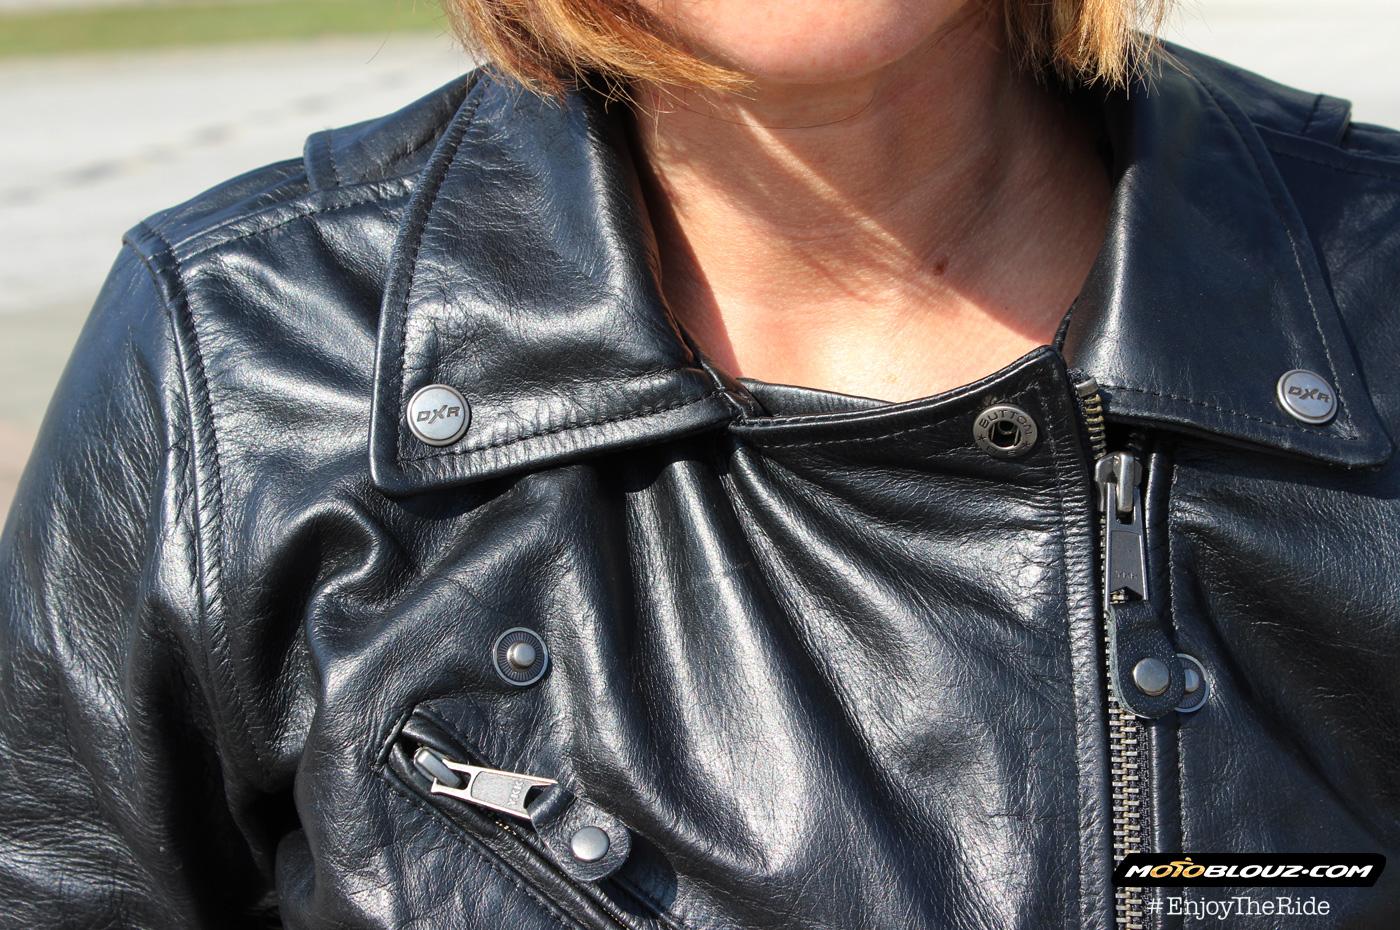 Me parece que el cuello de la chaqueta DXR Vega ha sido un demasiado amplio. Torre cuello obligatoria!